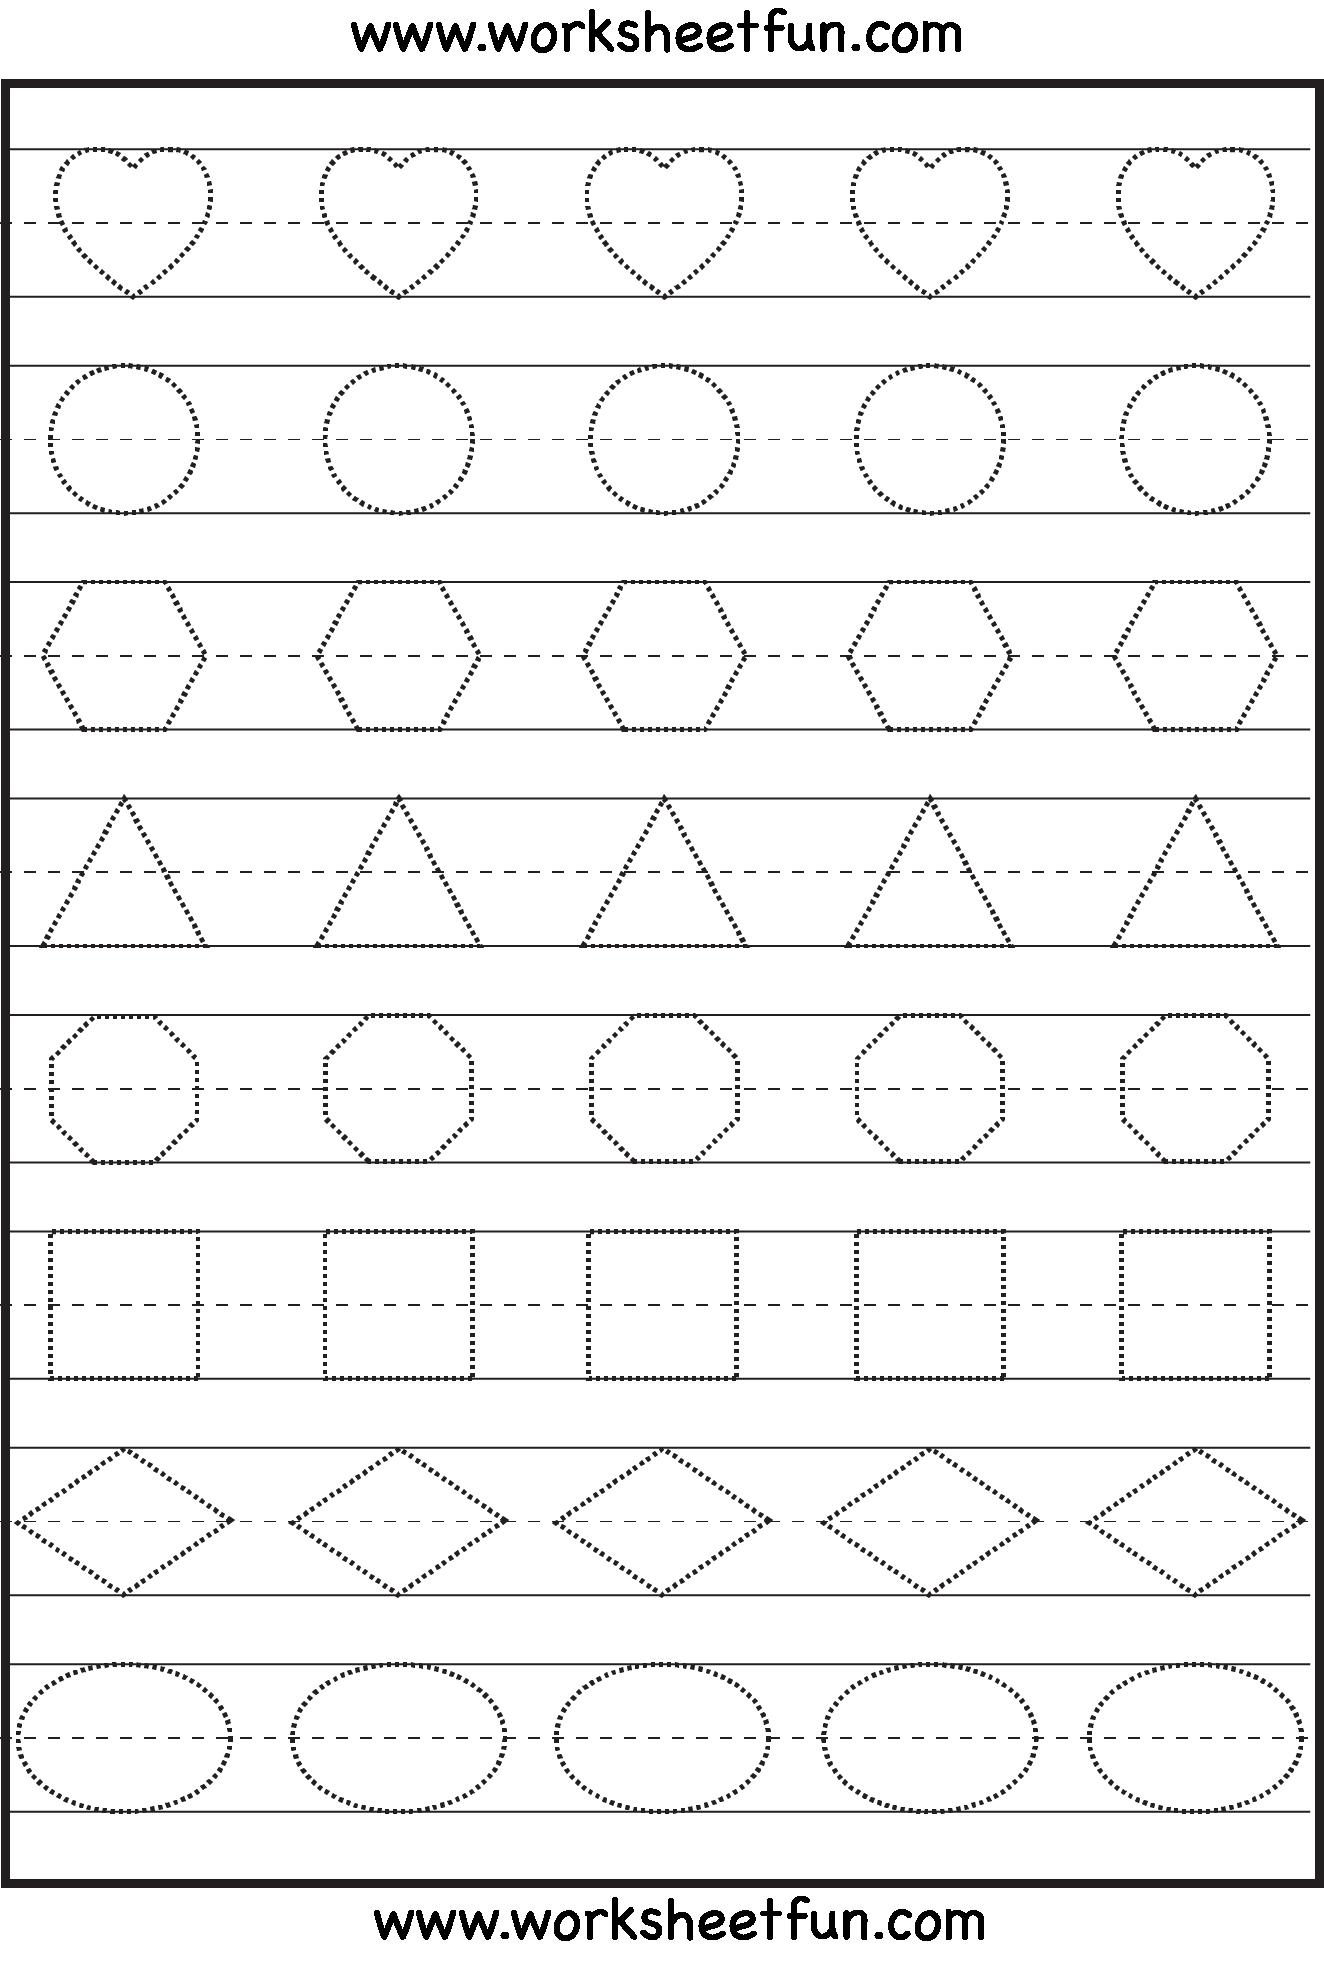 5 Images of Printable Preschool Worksheets Diamond